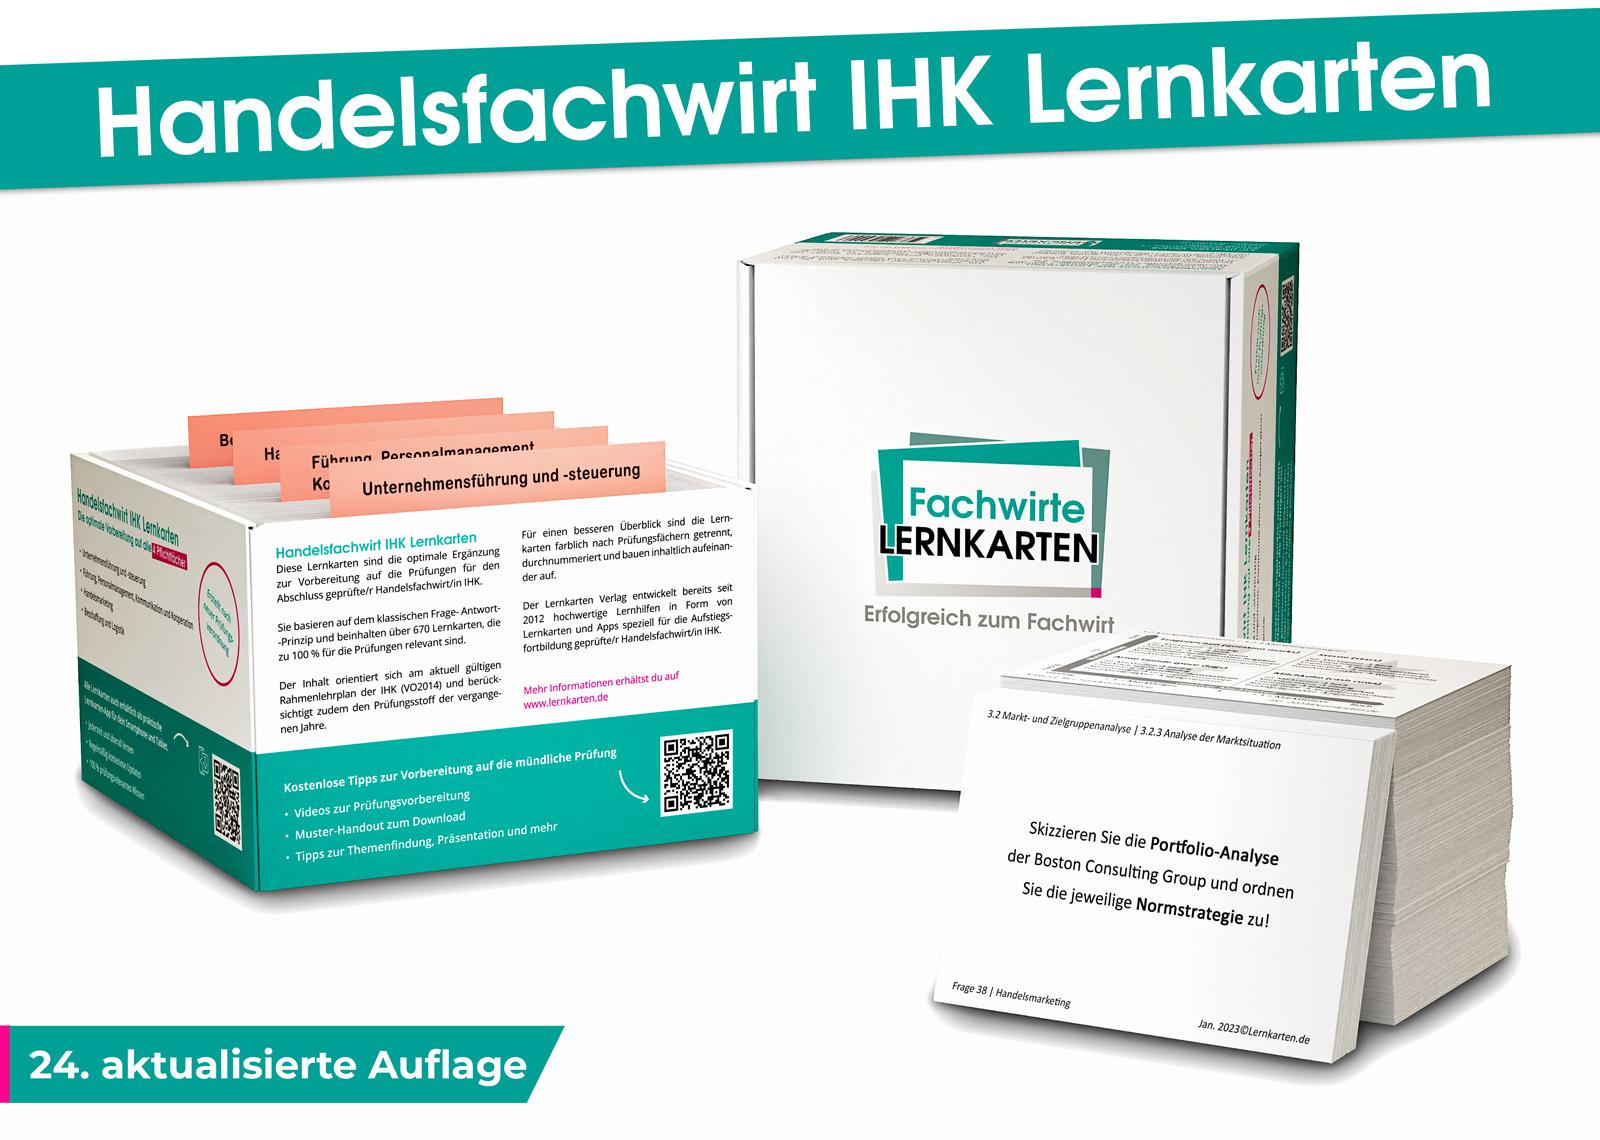 Handelsfachwirt_Lernkarten_Buch_VO2014_IHK